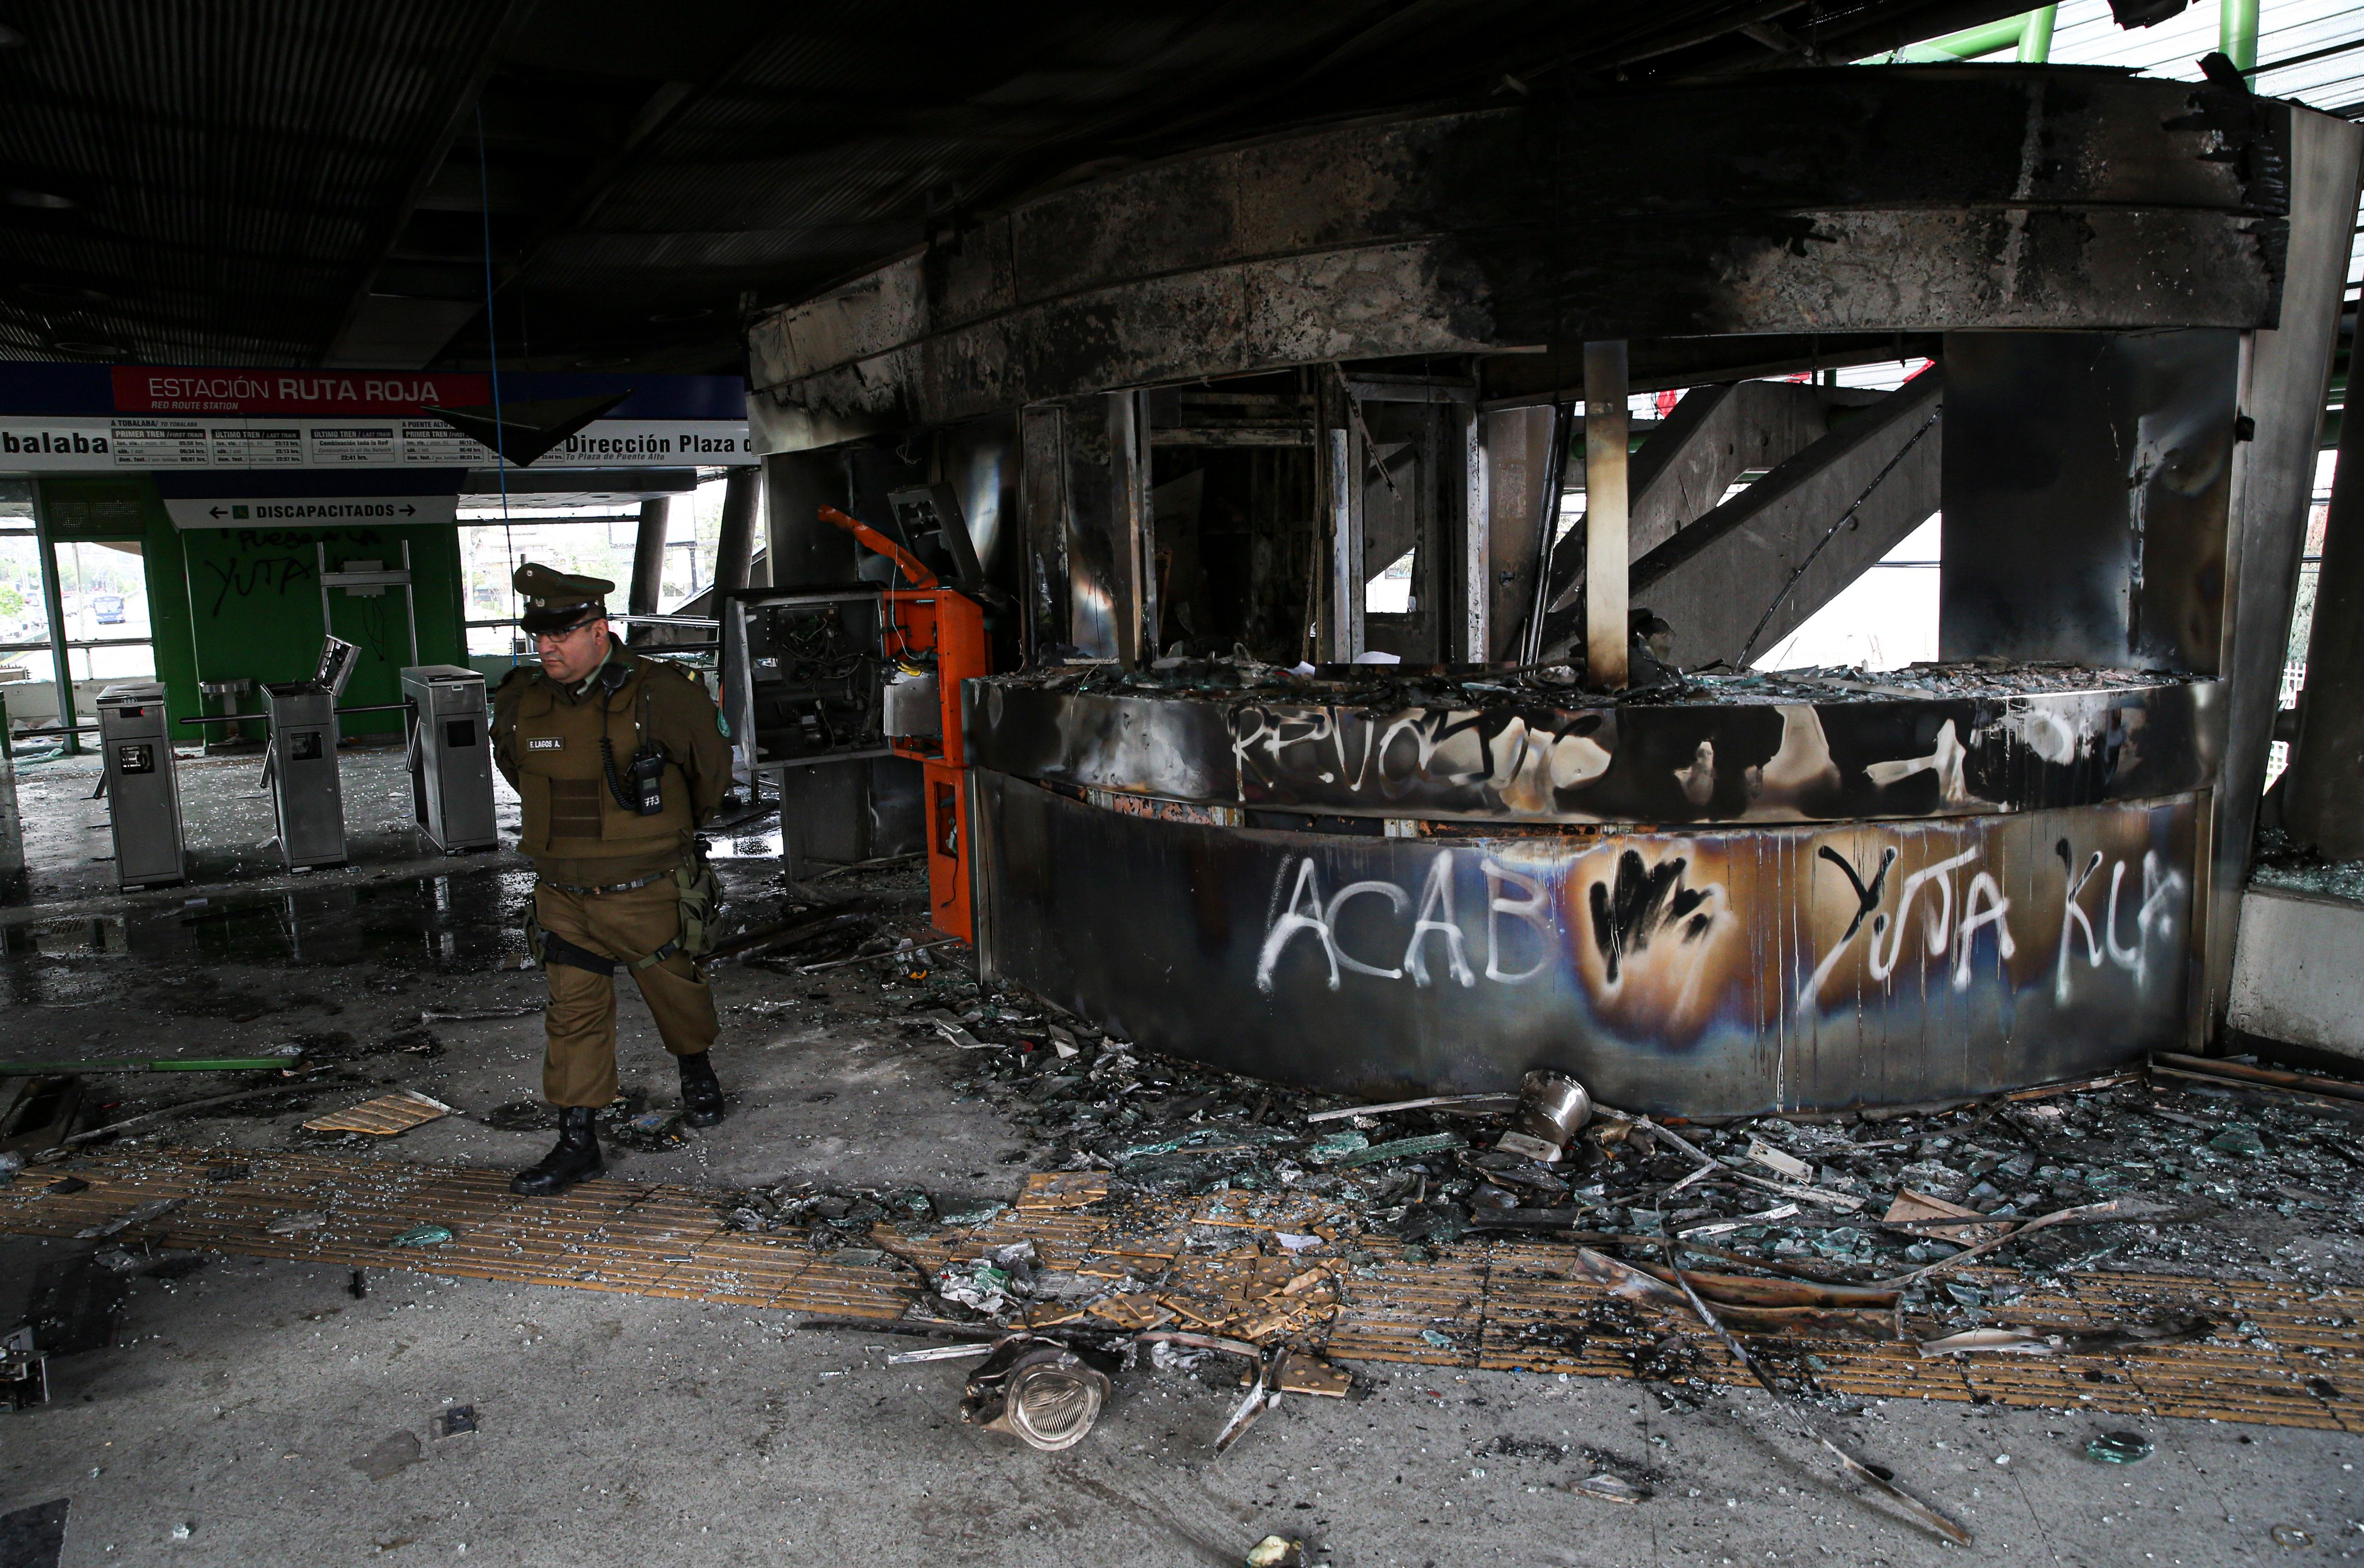 Varias instalaciones quedaron totalmente destrozadas tras los violentos disturbios